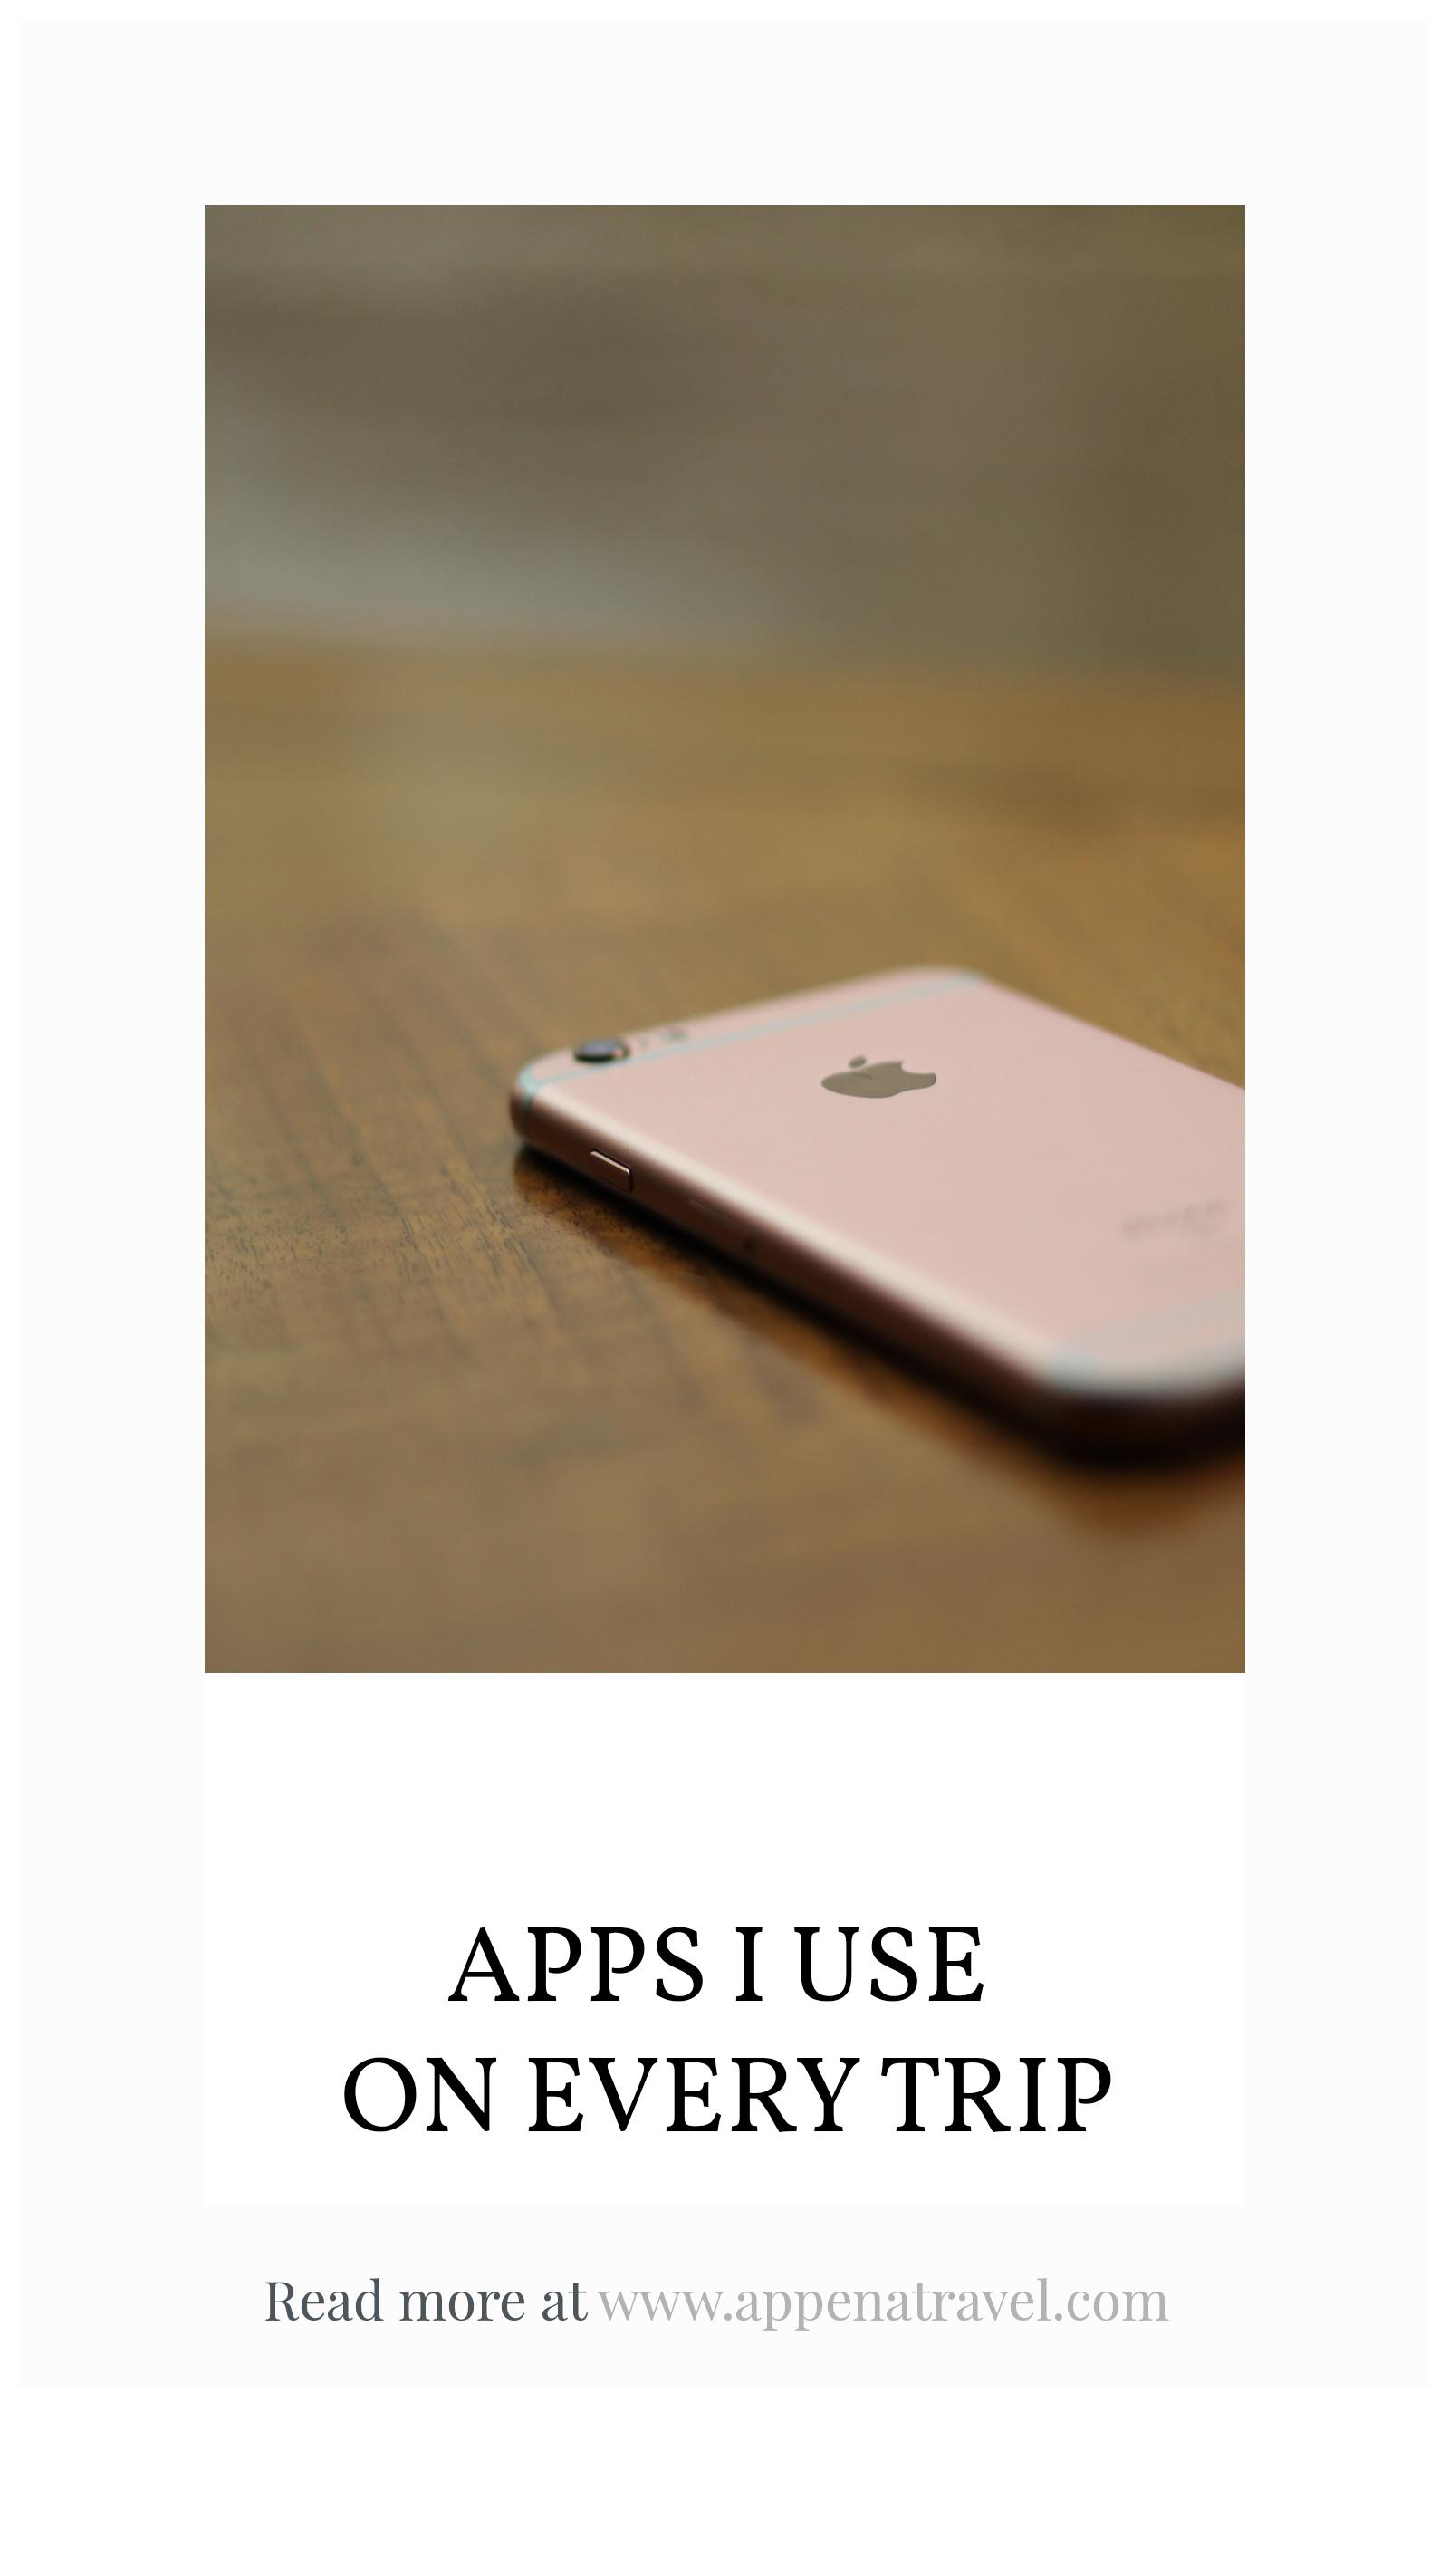 AppsIUseOnEveryTrip.jpg